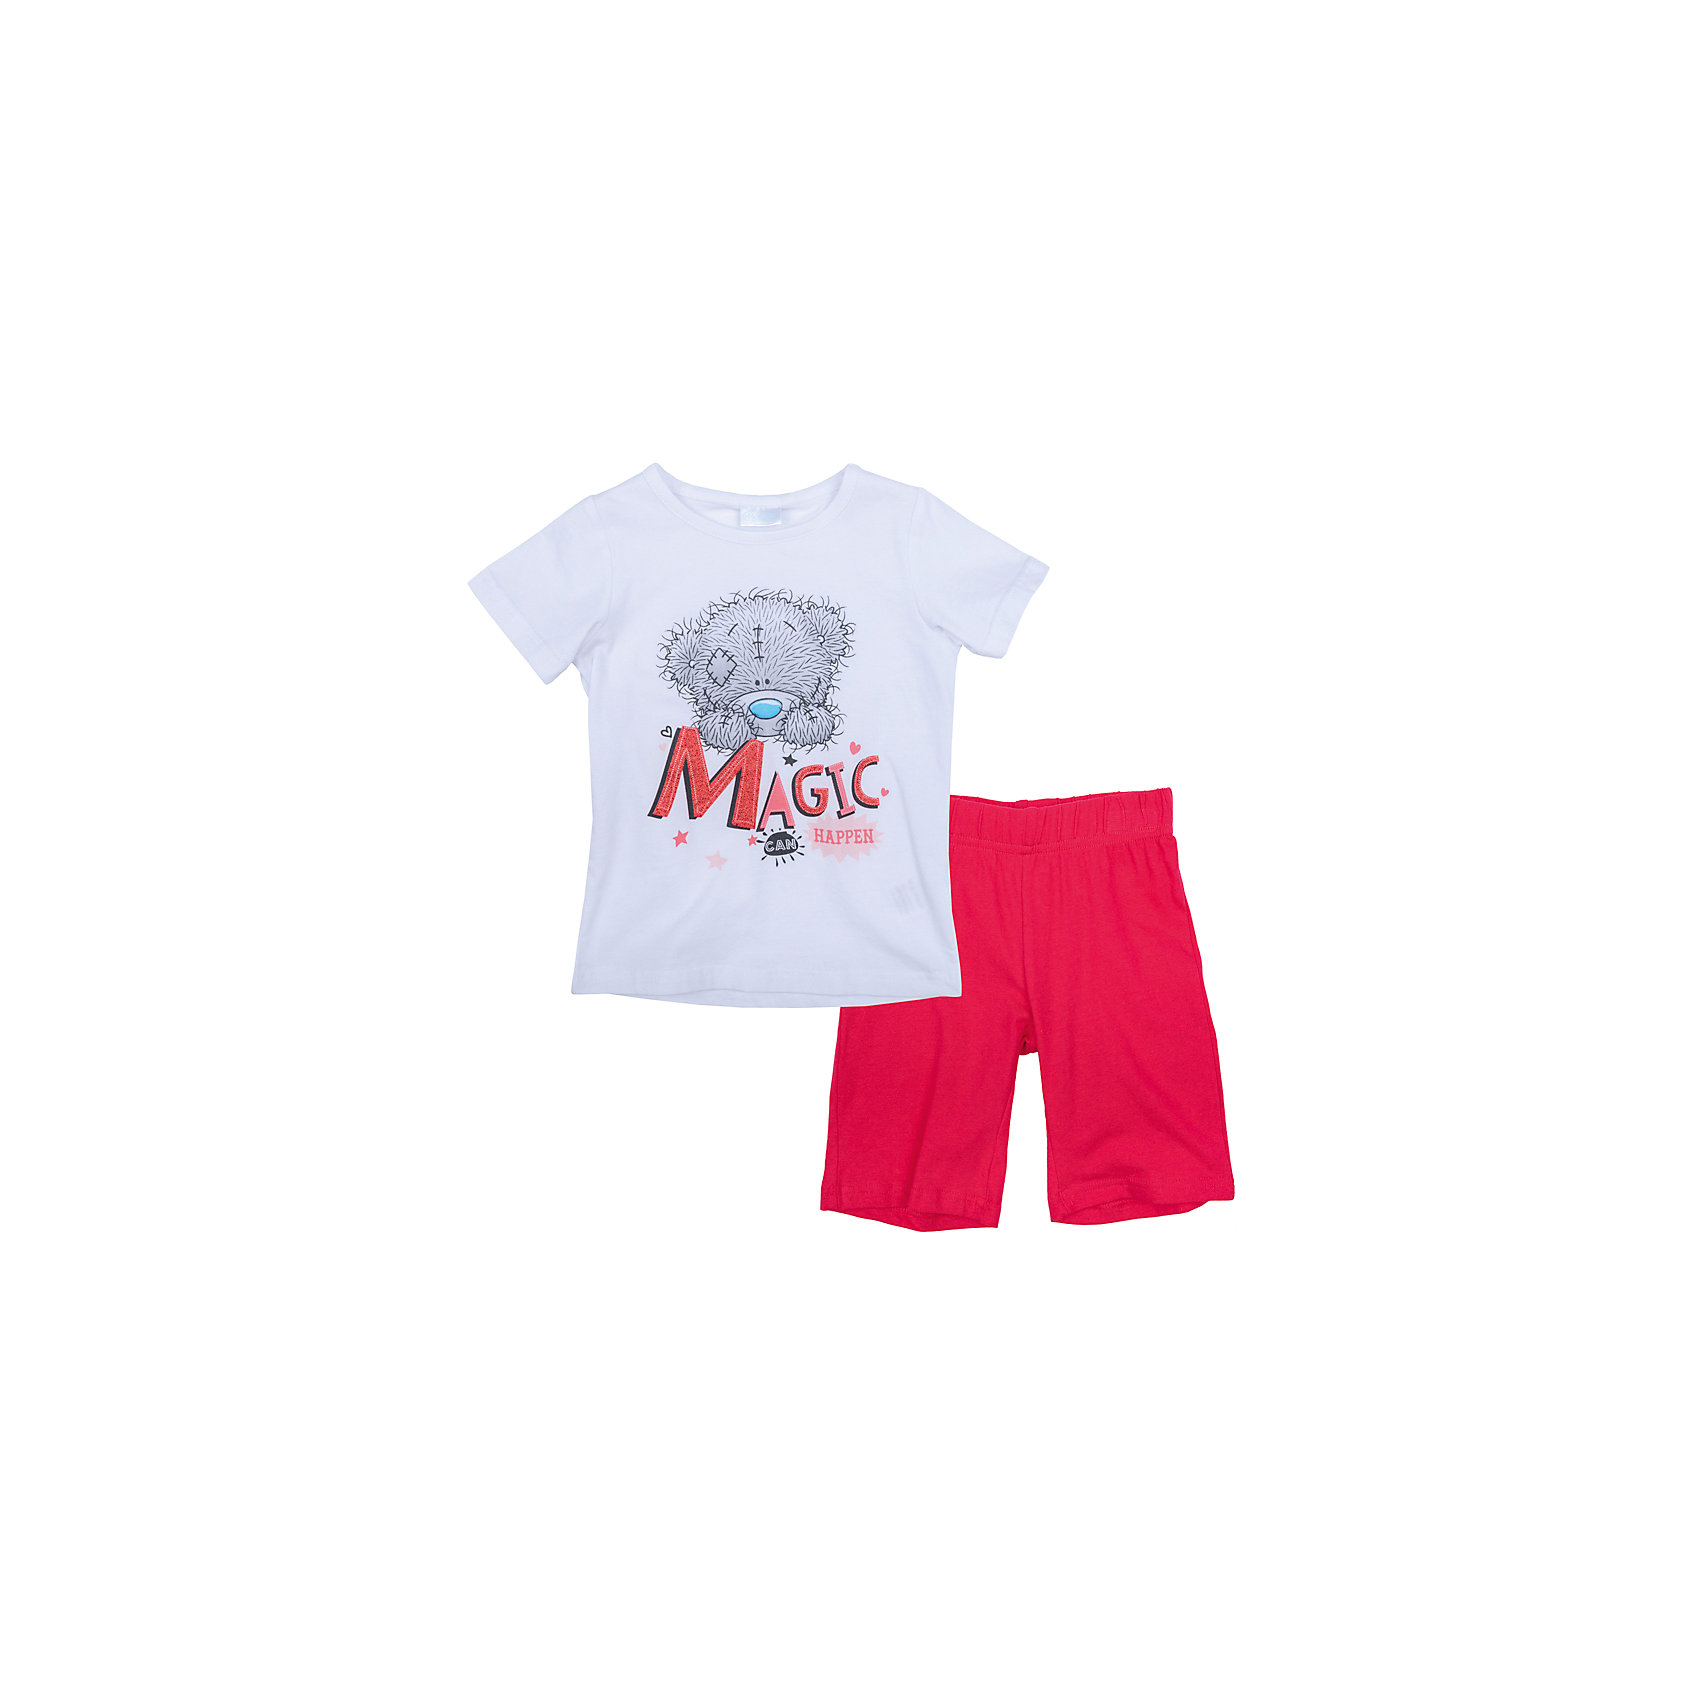 Комплект для девочки PlayTodayКомплект для девочки PlayToday<br>Комплект из майки и шорт прекрасно подойдет для домашнего использования. Может быть и домашней одеждой, и уютной пижамой. Мягкий, приятный к телу, материал не сковывает движений. Яркий стильный принт Disney  является достойным украшением данного изделия.Преимущества: Свободный классический крой не сковывает движения ребенкаМожет быть удобной домашней одеждой и уютной пижамой.Яркий стильный принт<br>Состав:<br>95% хлопок, 5% эластан<br><br>Ширина мм: 199<br>Глубина мм: 10<br>Высота мм: 161<br>Вес г: 151<br>Цвет: разноцветный<br>Возраст от месяцев: 84<br>Возраст до месяцев: 96<br>Пол: Женский<br>Возраст: Детский<br>Размер: 128,98,104,110,116,122<br>SKU: 5404023